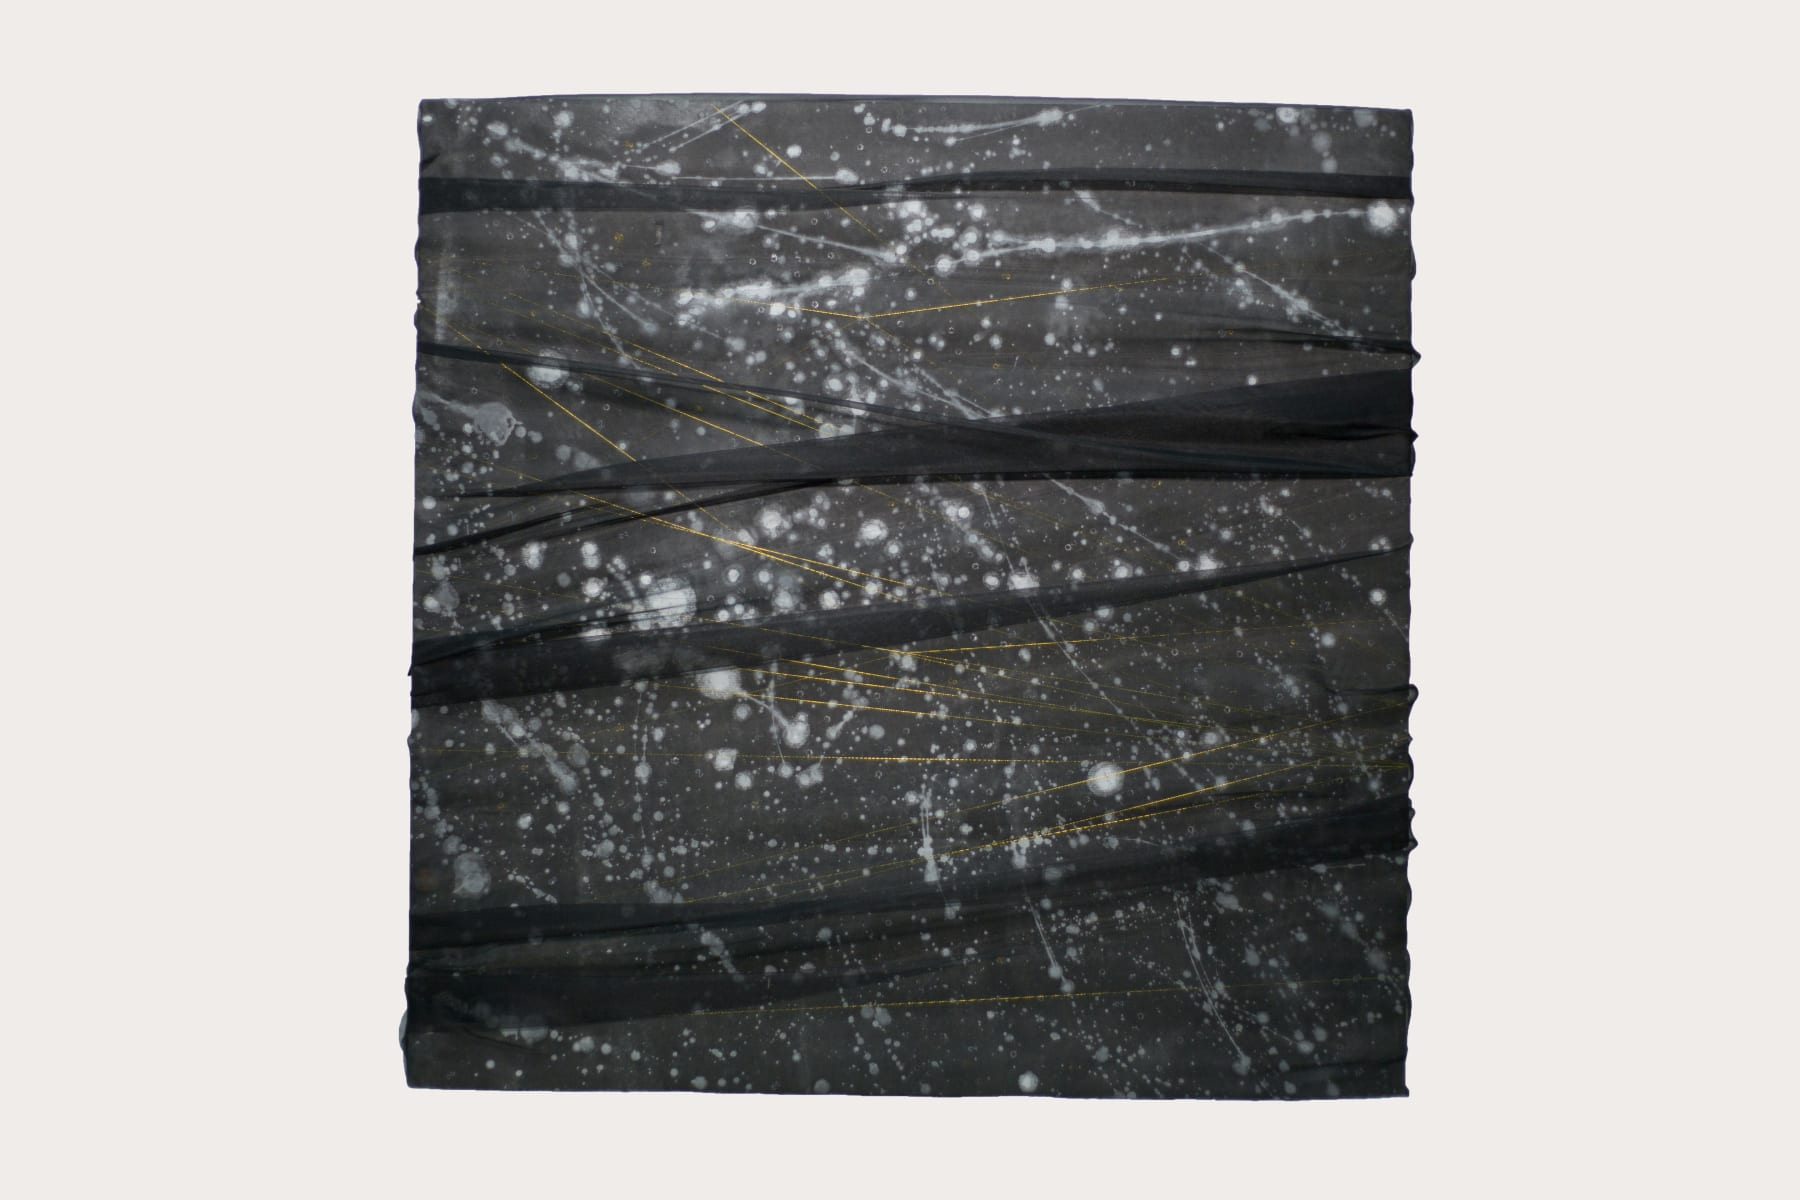 Zhang Yanzi 章燕紫, Infinite No.2 無窮2, 2017